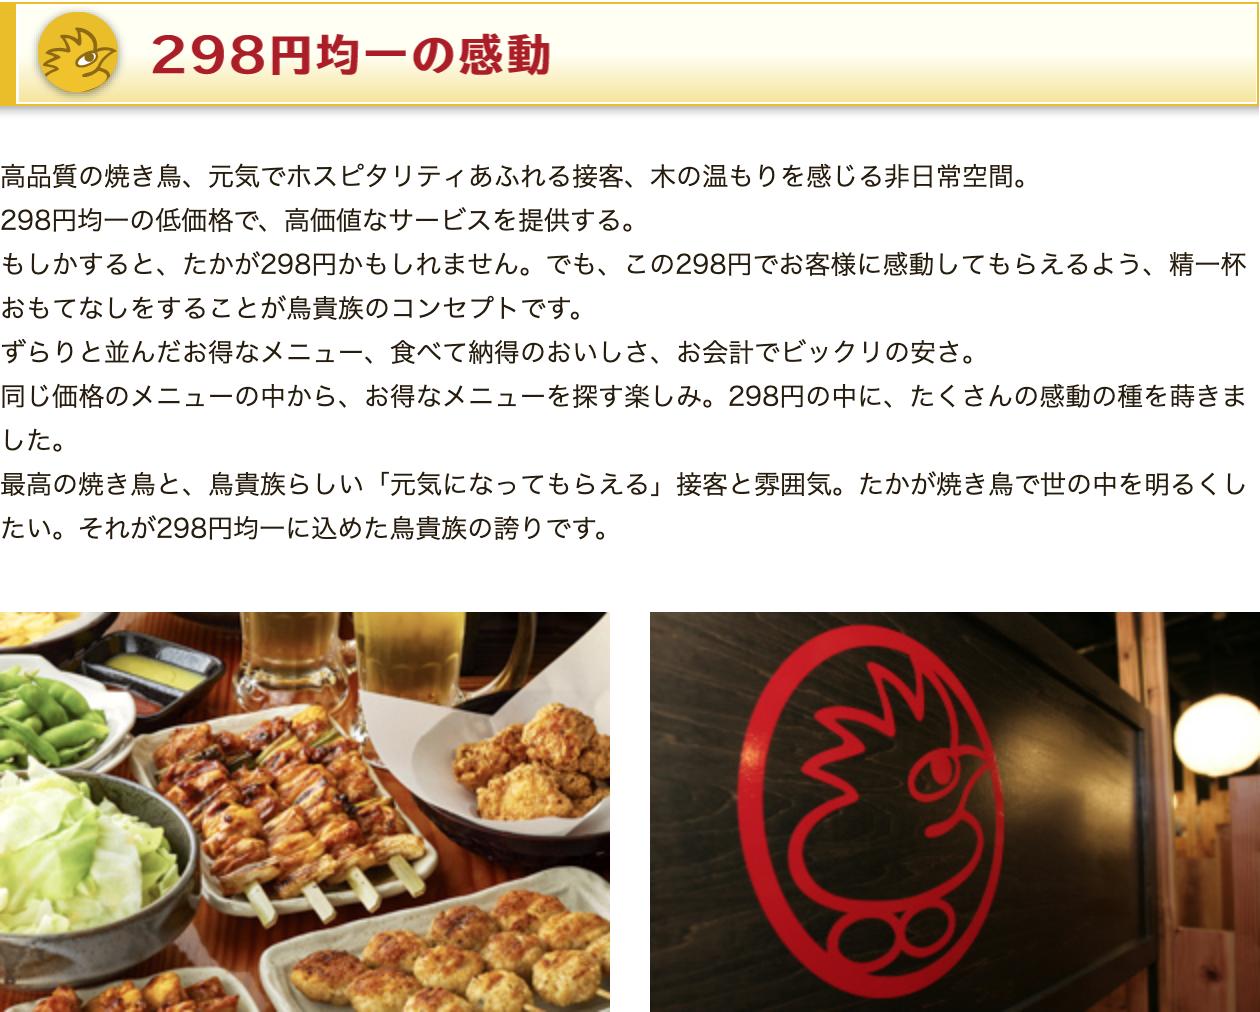 鳥貴族 焼き鳥 298円